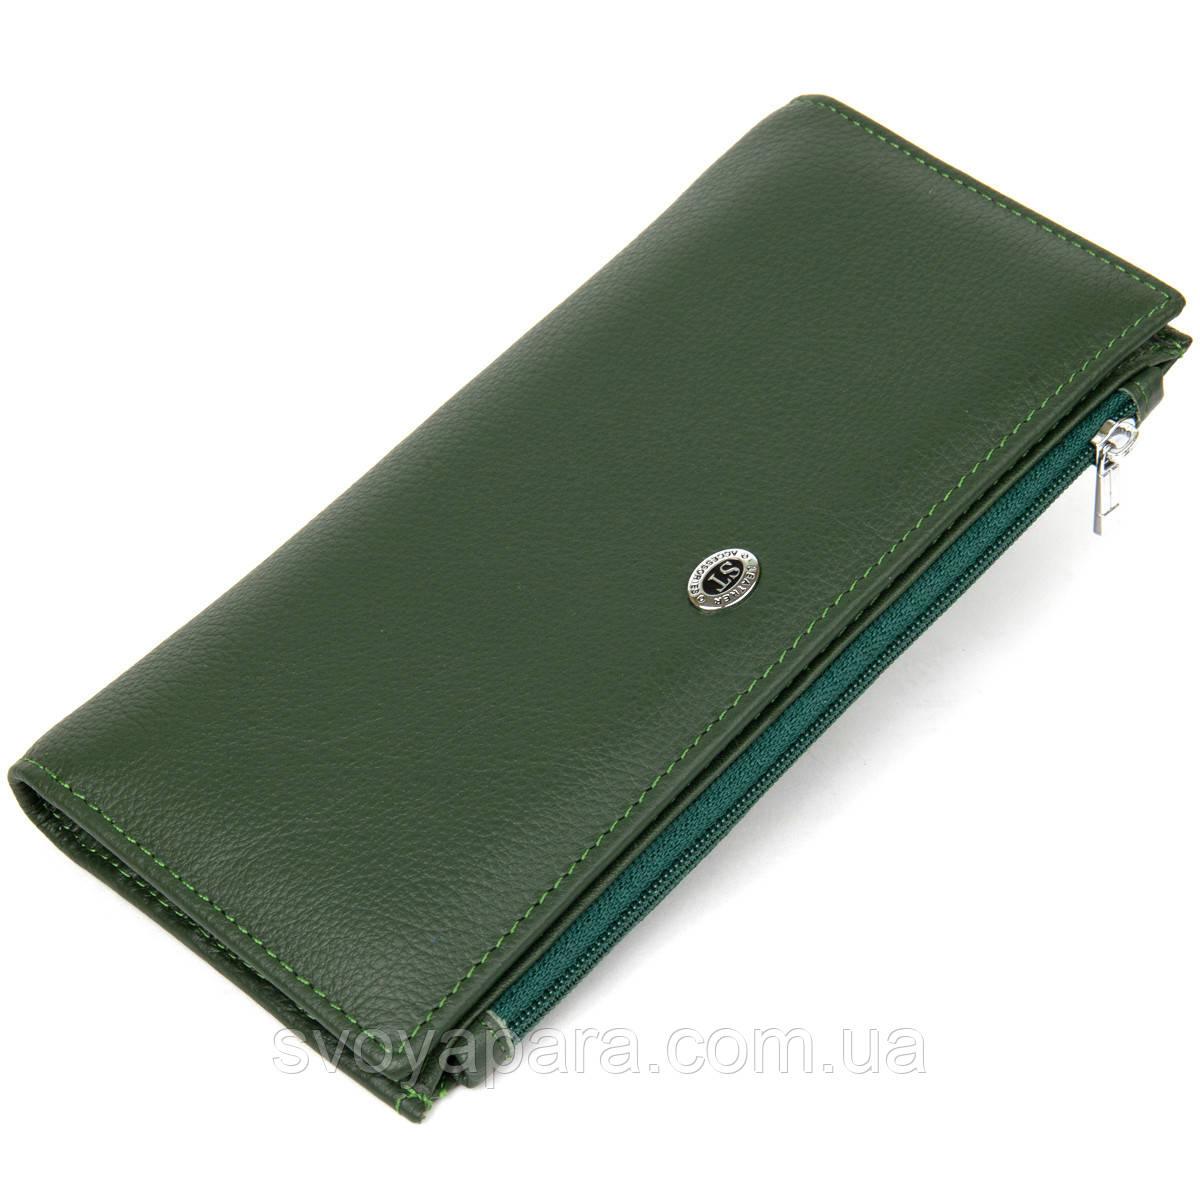 Красивий жіночий шкіряний гаманець ST Leather 19377 Зелений